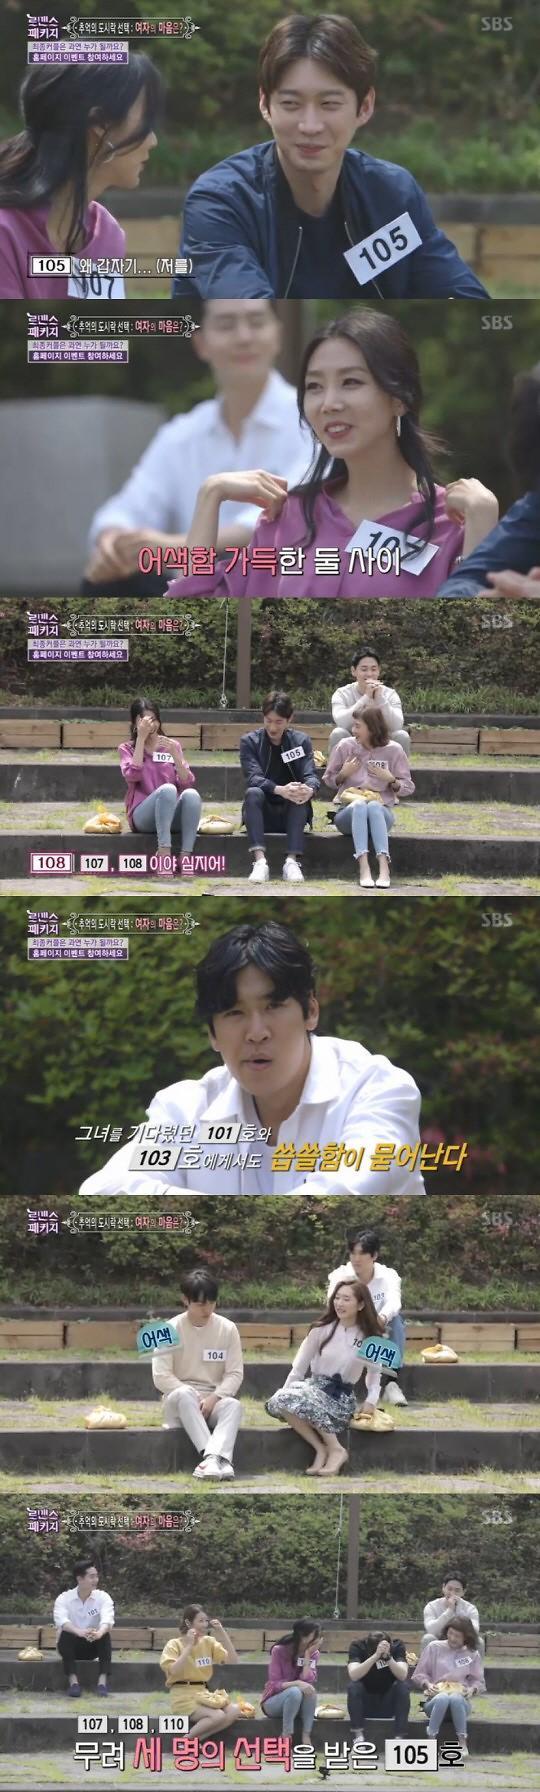 """[간밤의 TV] 로맨스 패키지, """"판도라의 상자가 열렸다""""···출연자들의 순도 100% 리얼 속마음은?"""